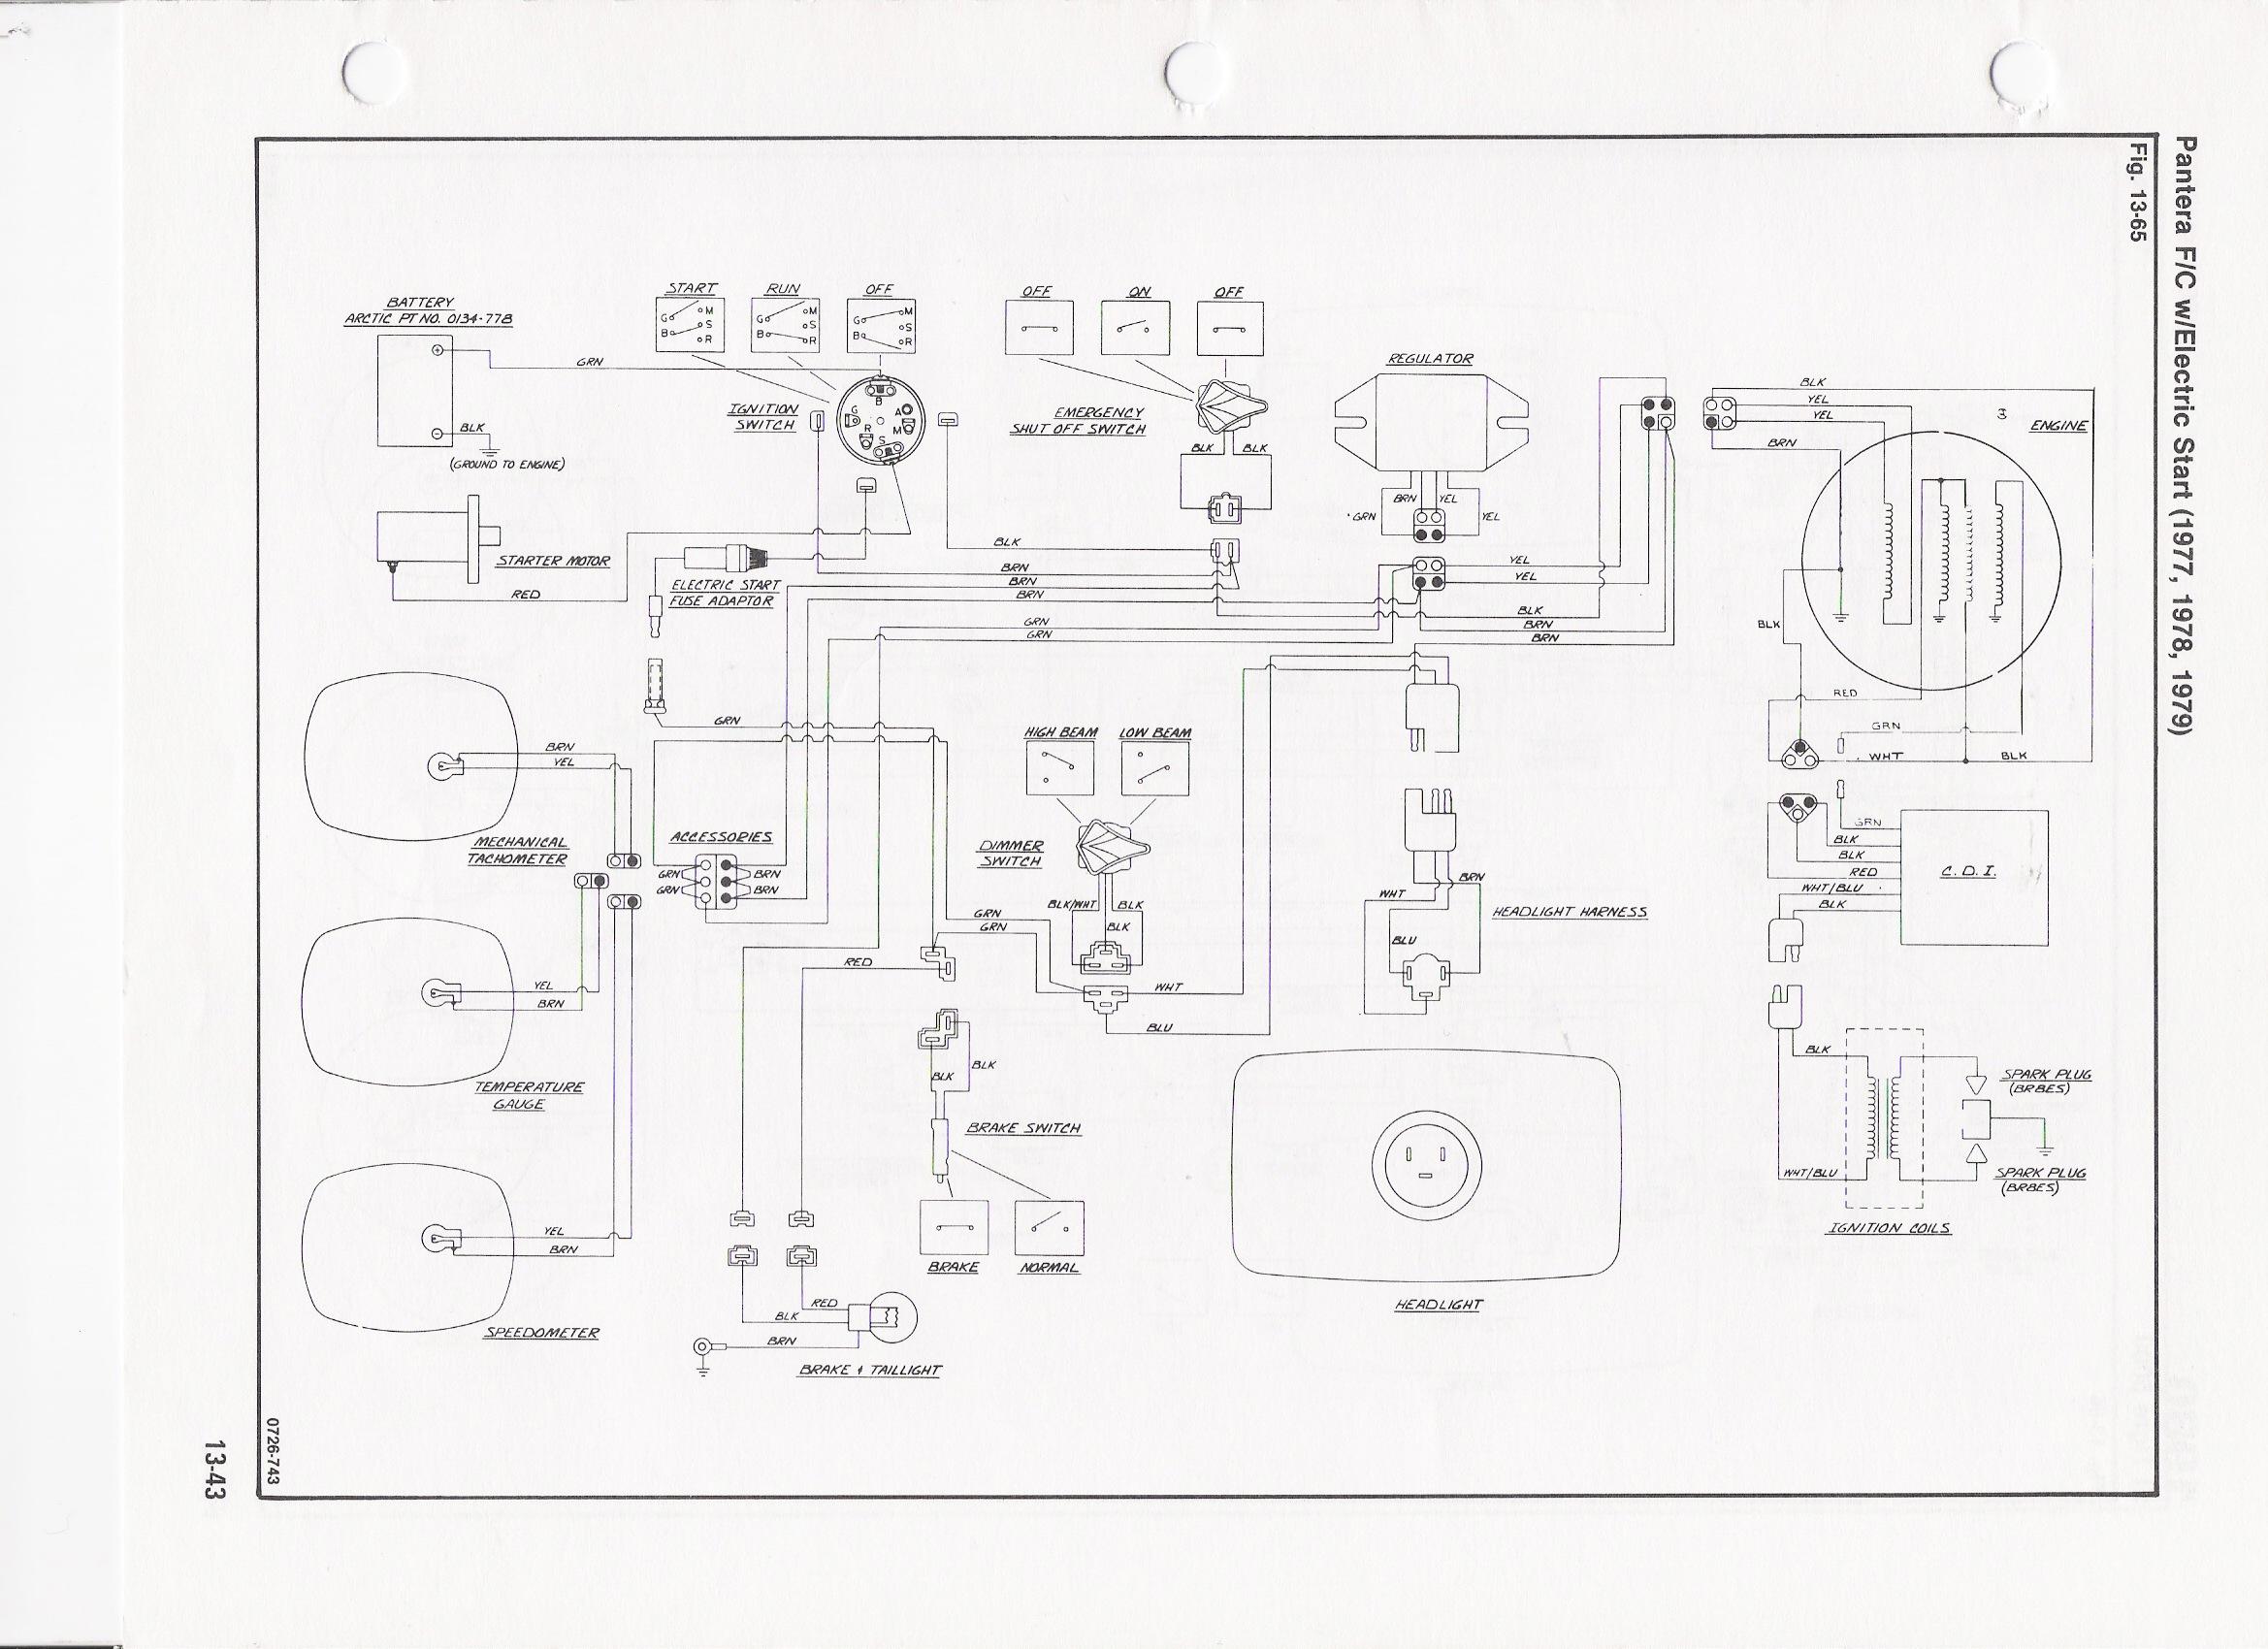 1990 arctic cat wiring diagram